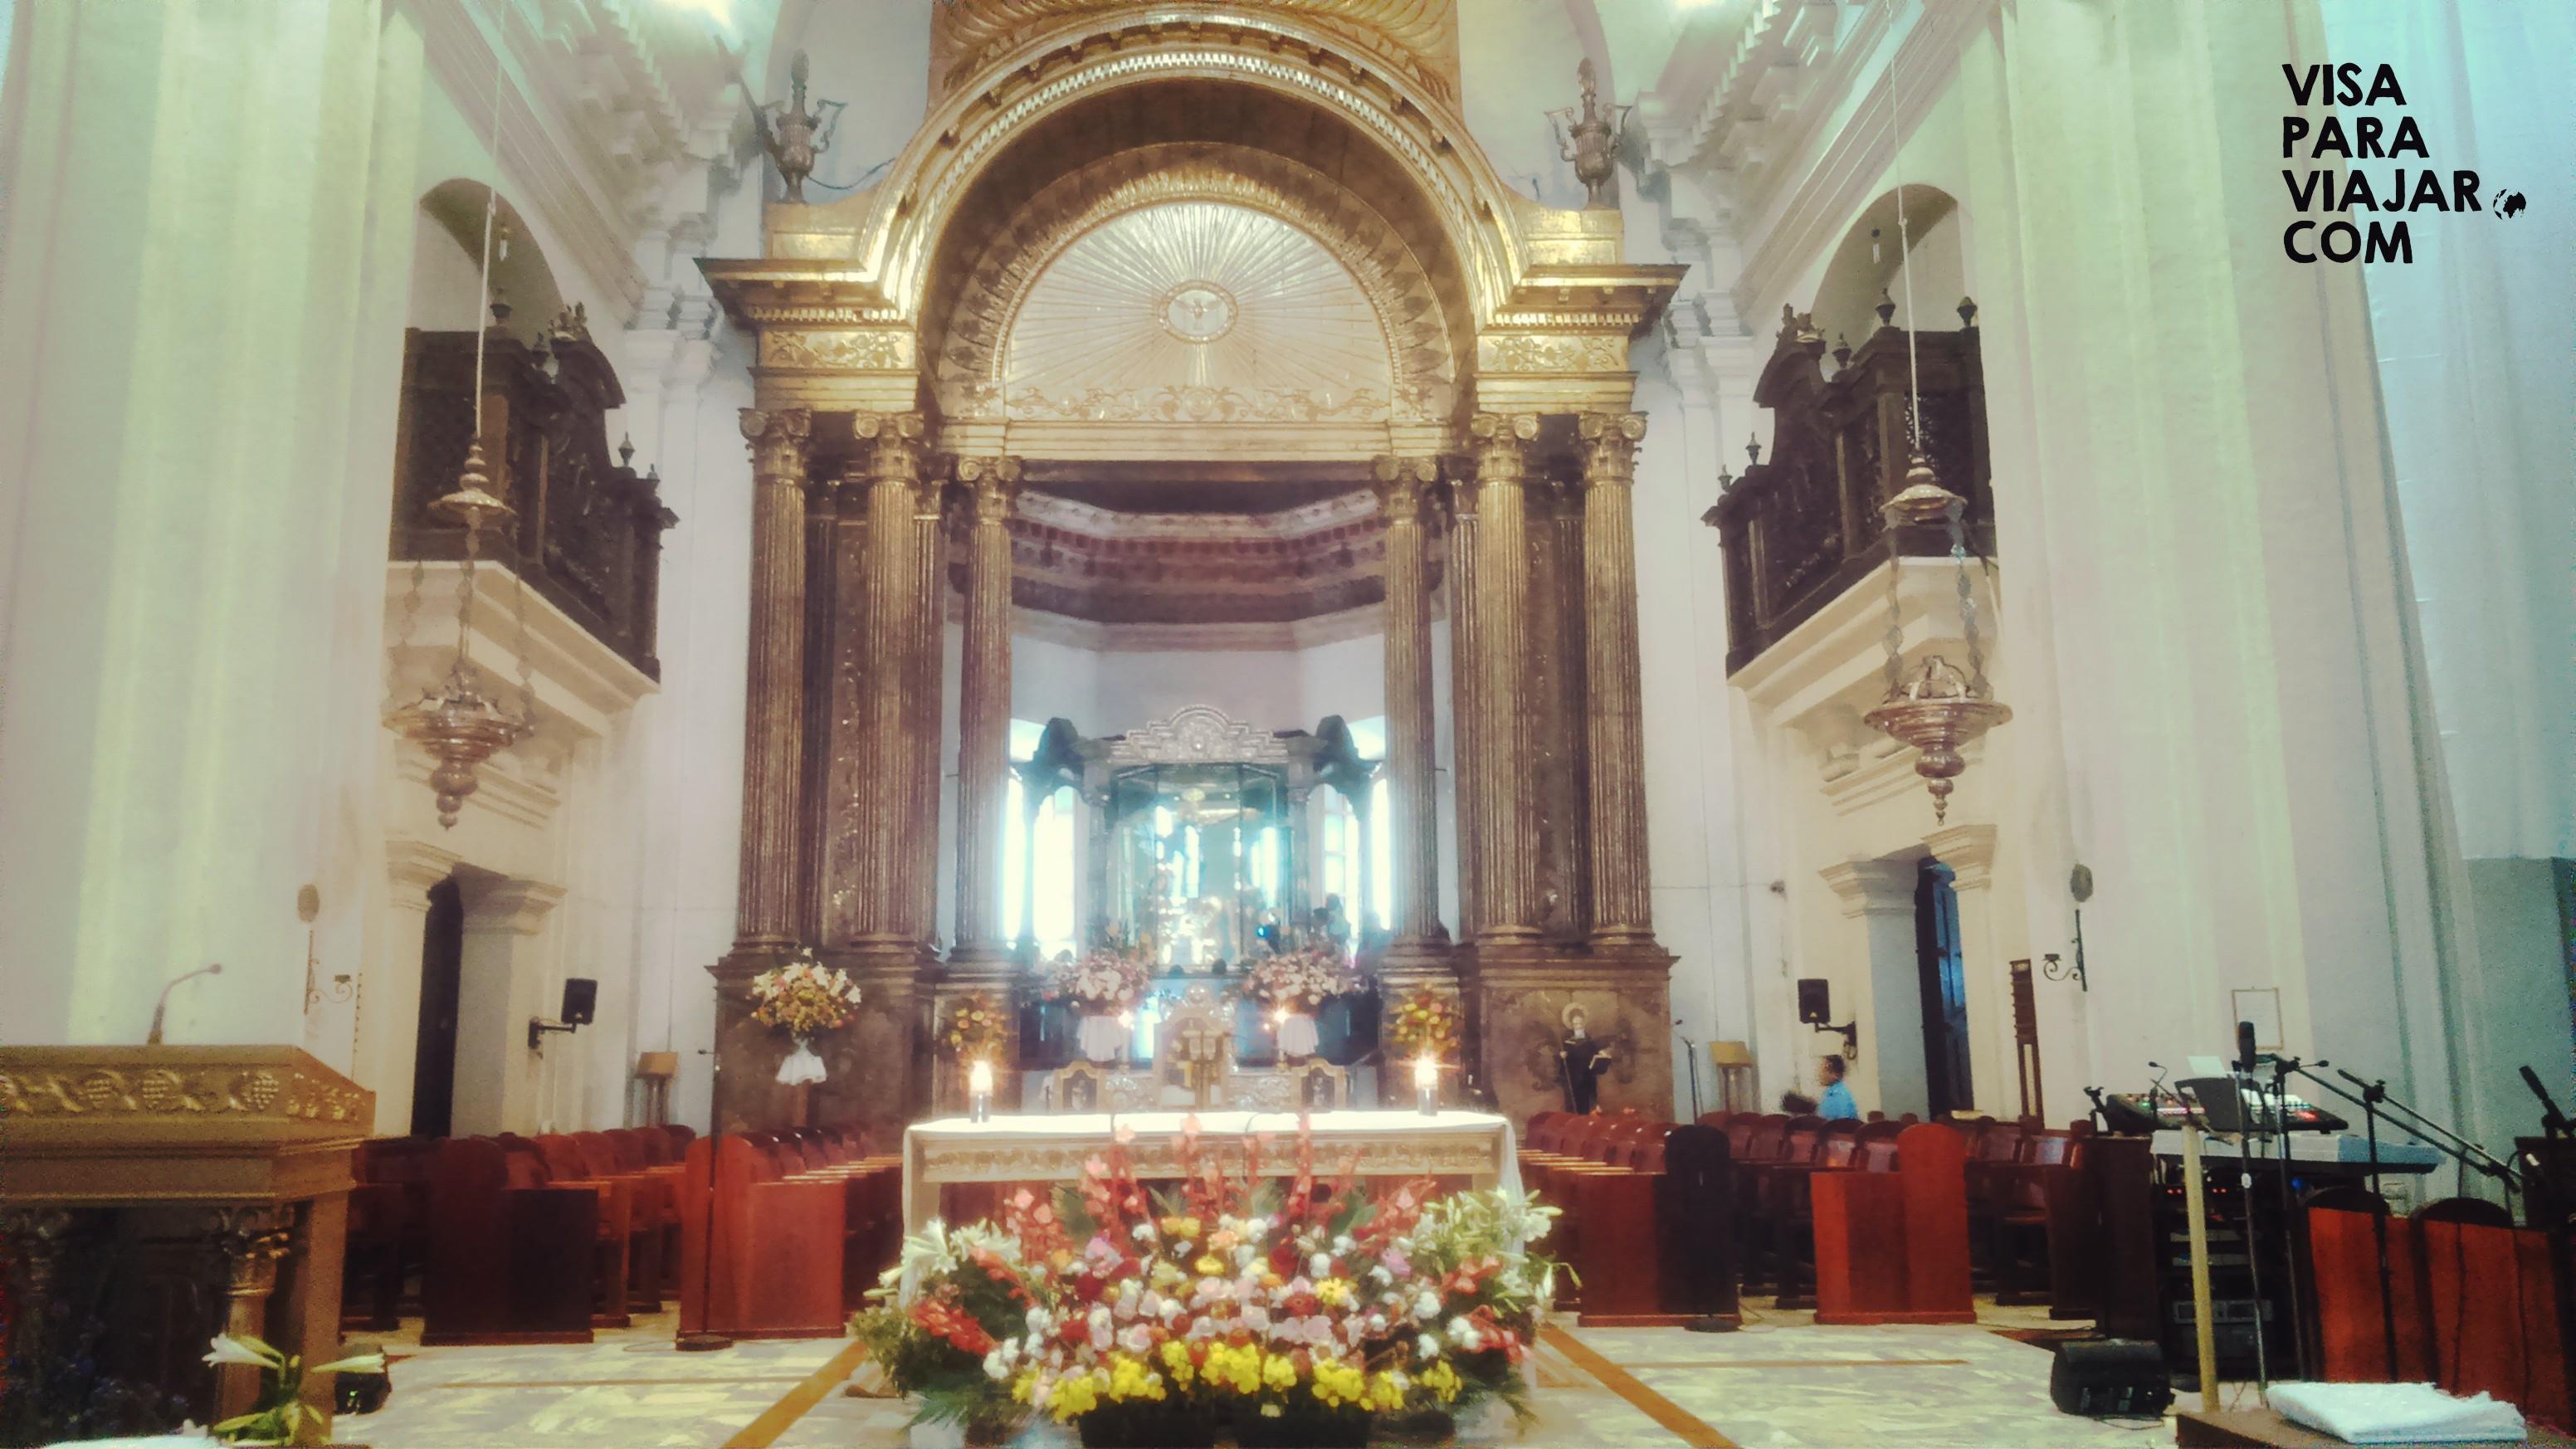 Templo Esquipulas - visaparaviajar.com